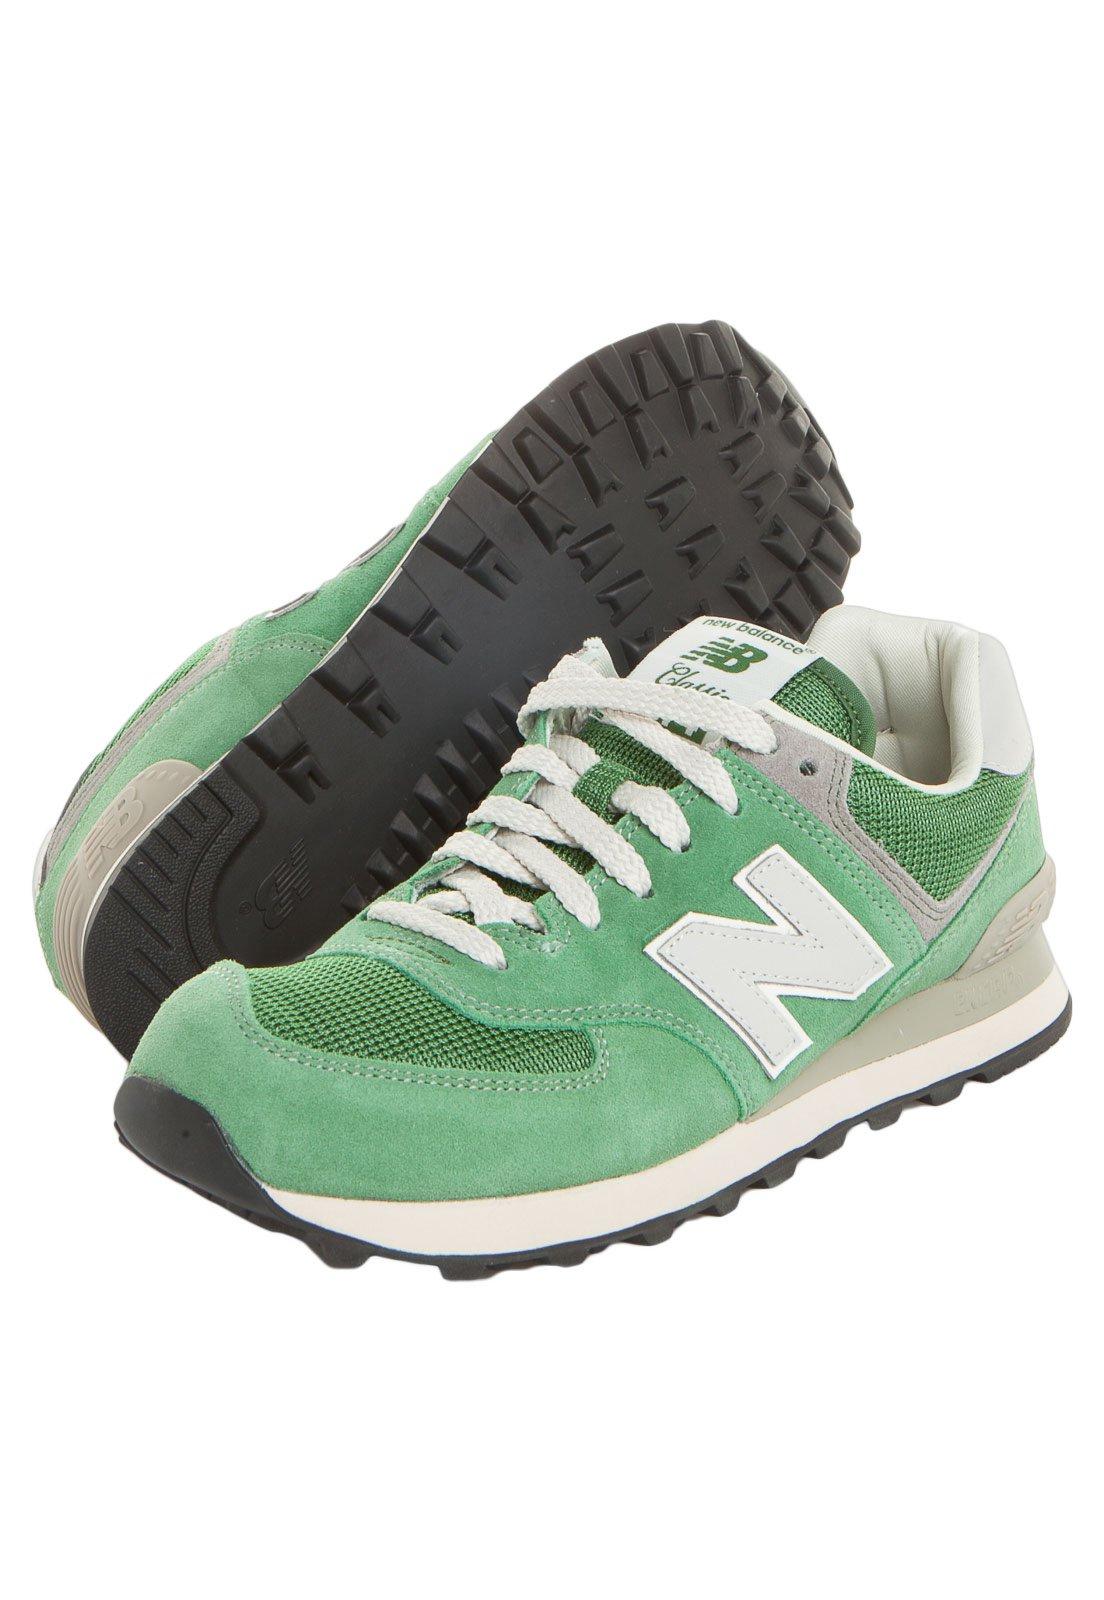 AJF,new balance verde feminino,nalan.com.sg